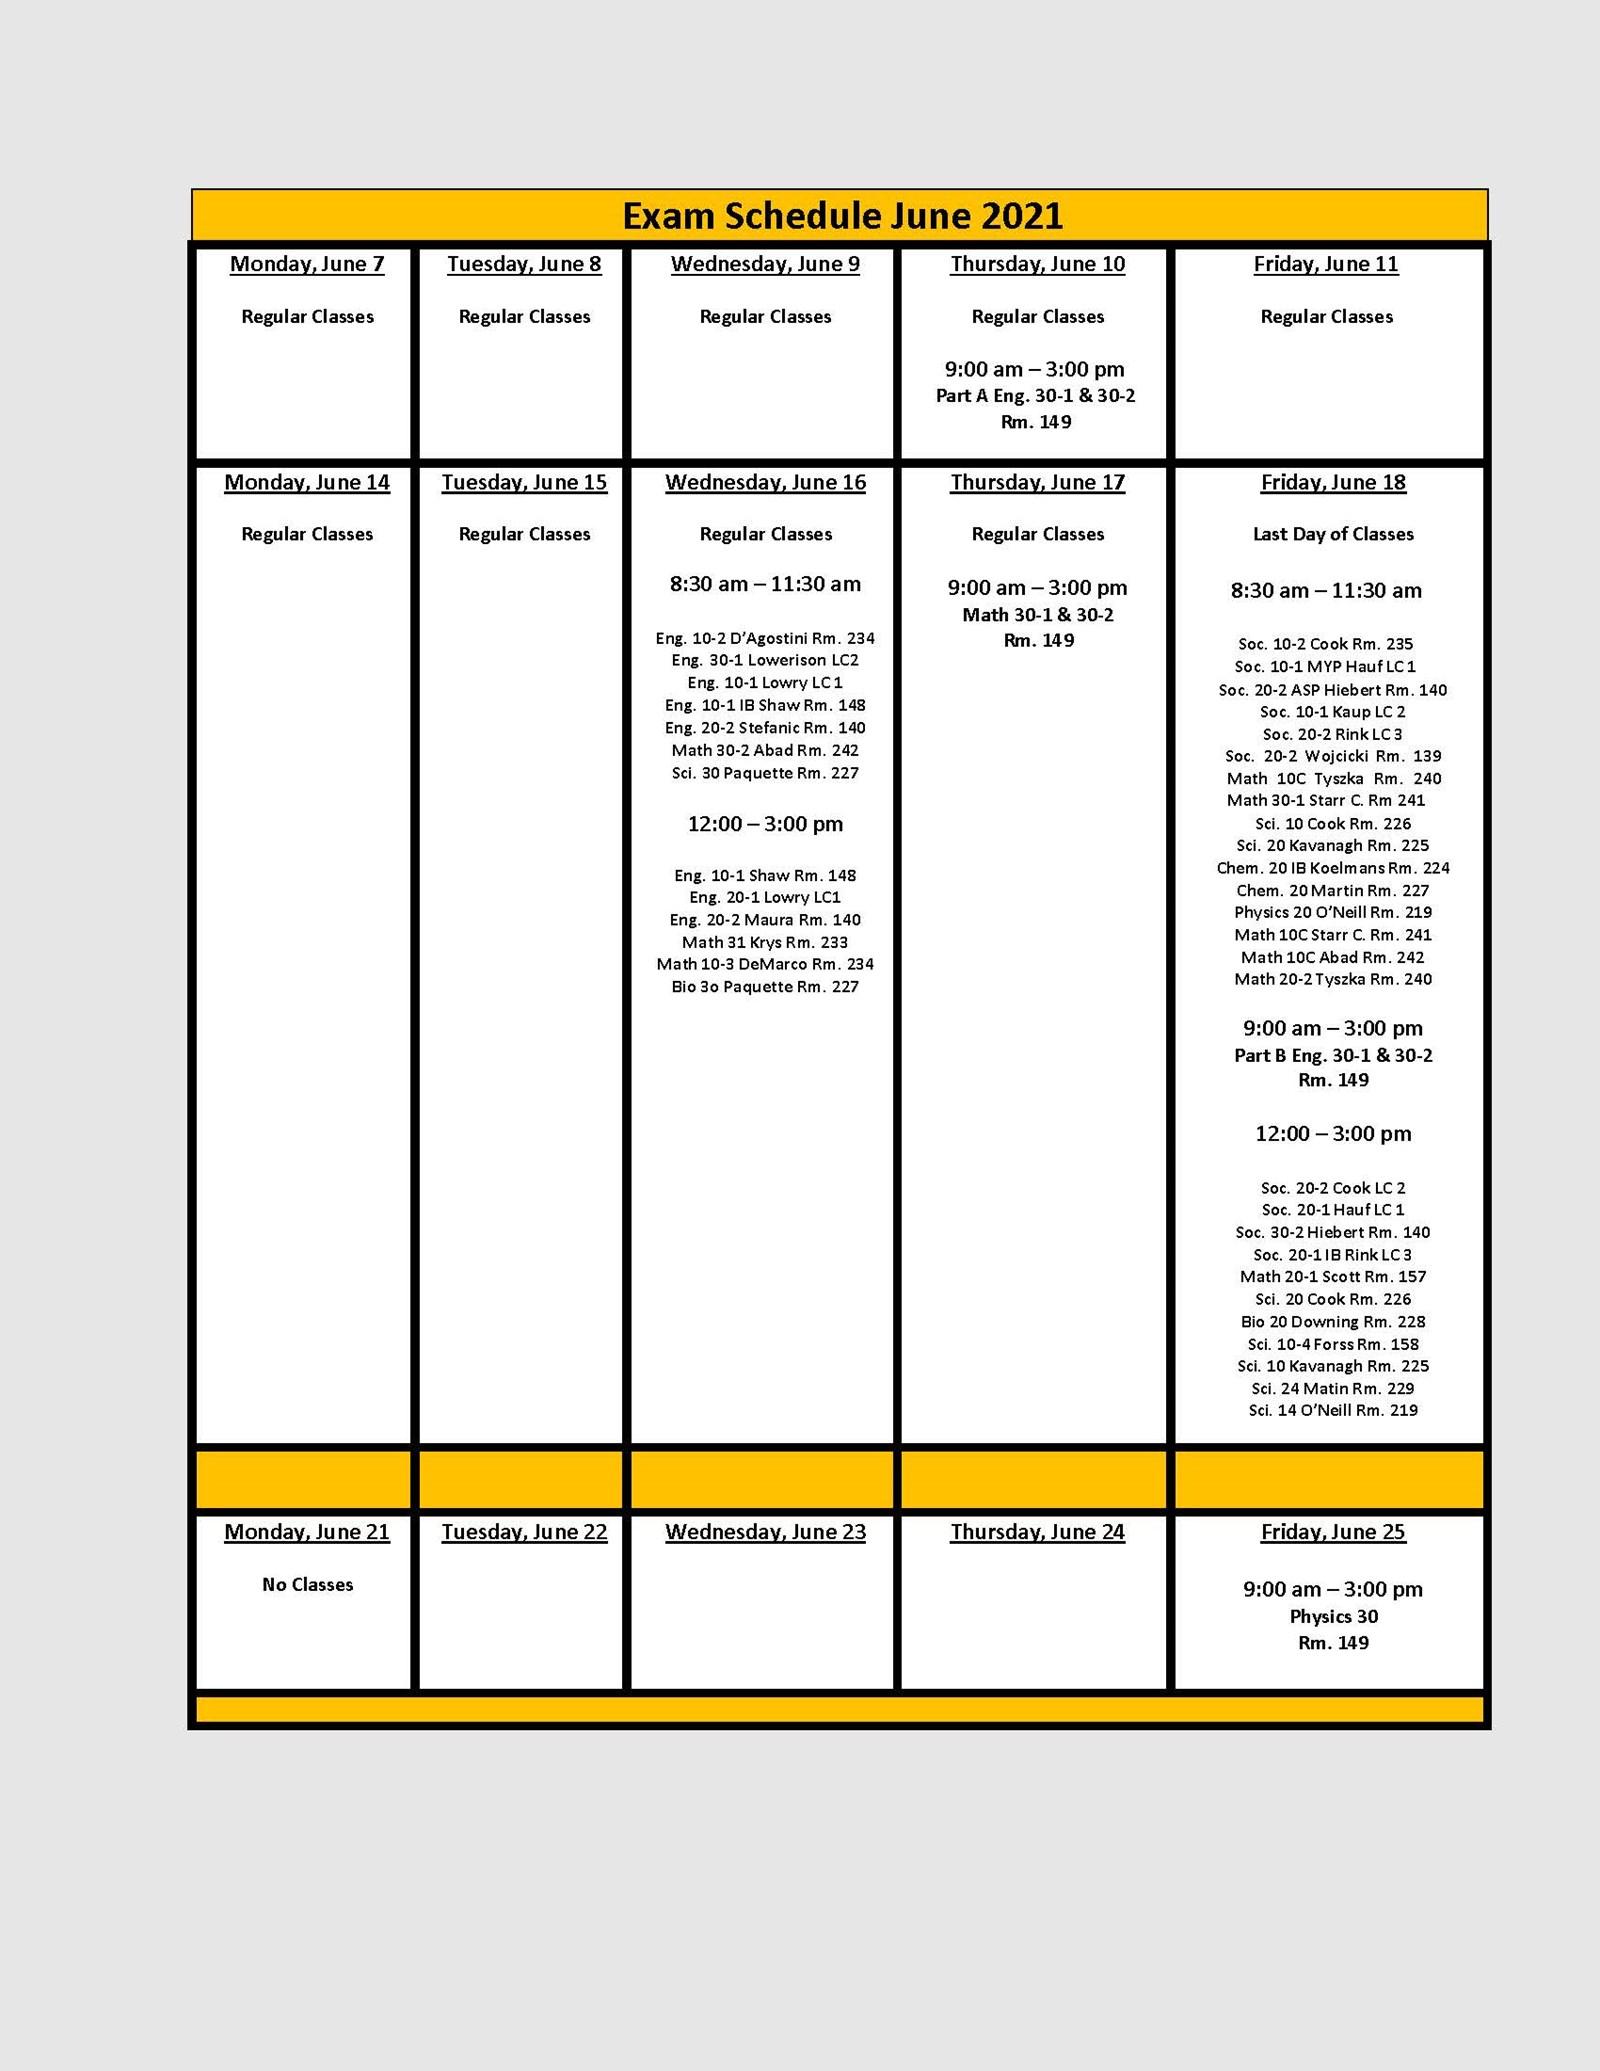 Exam Schedule June 2021.jpg